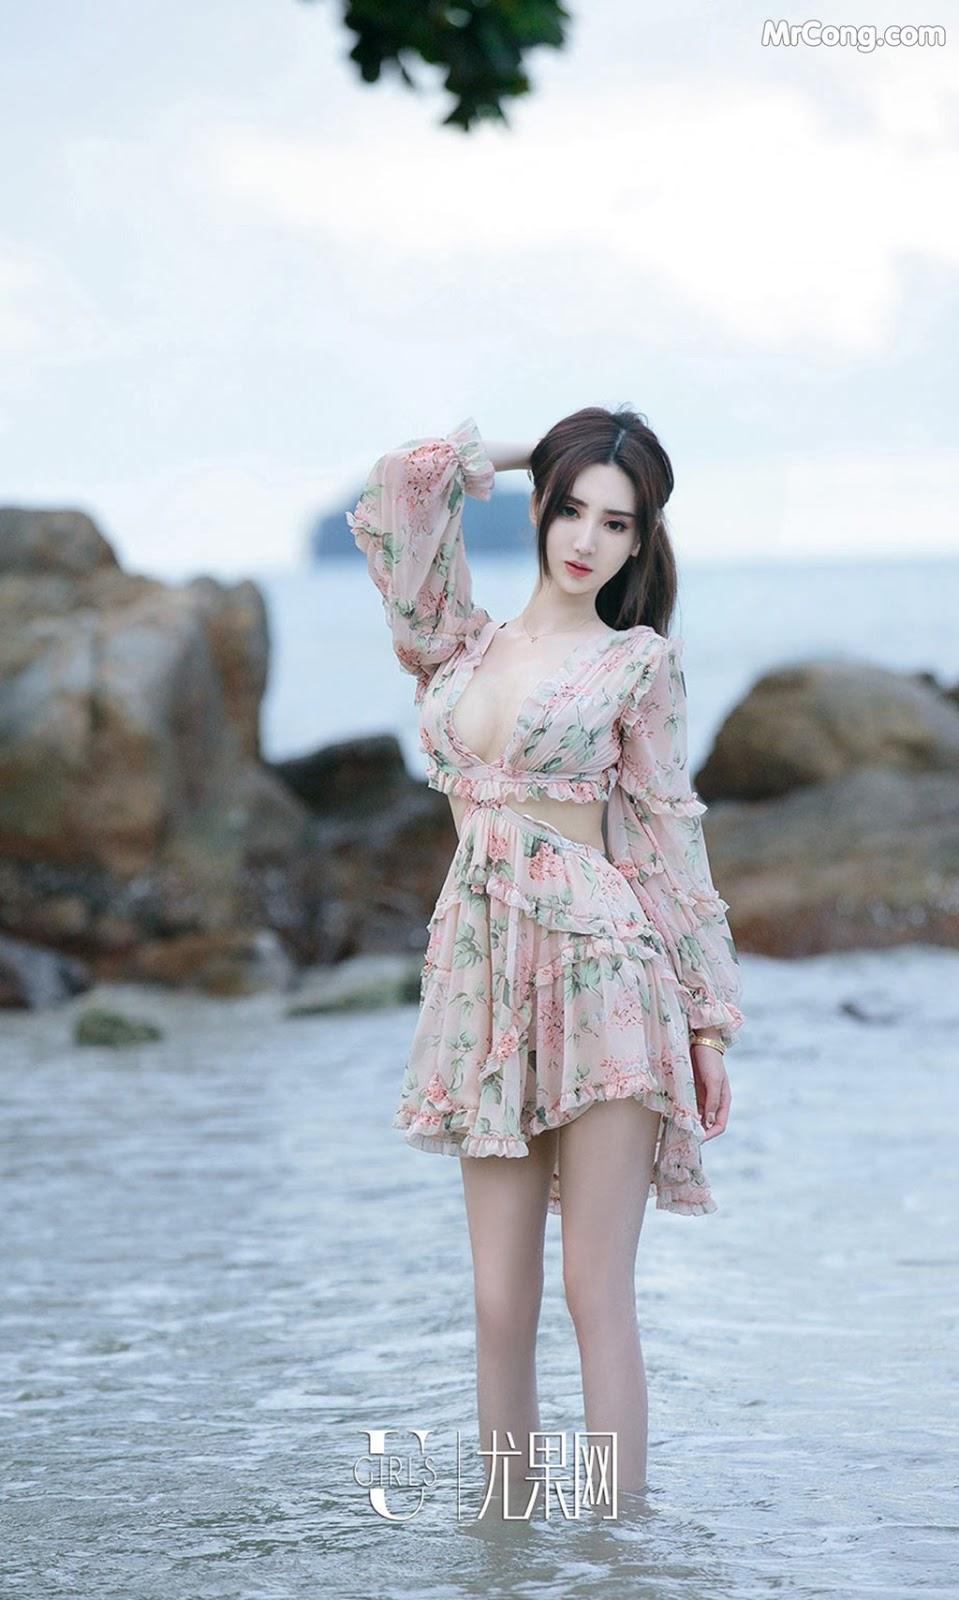 Image UGIRLS-Ai-You-Wu-App-No.1130-Yu-Sai-Qi-MrCong.com-007 in post UGIRLS – Ai You Wu App No.1130: Người mẫu Yu Sai Qi (于思琪) (35 ảnh)